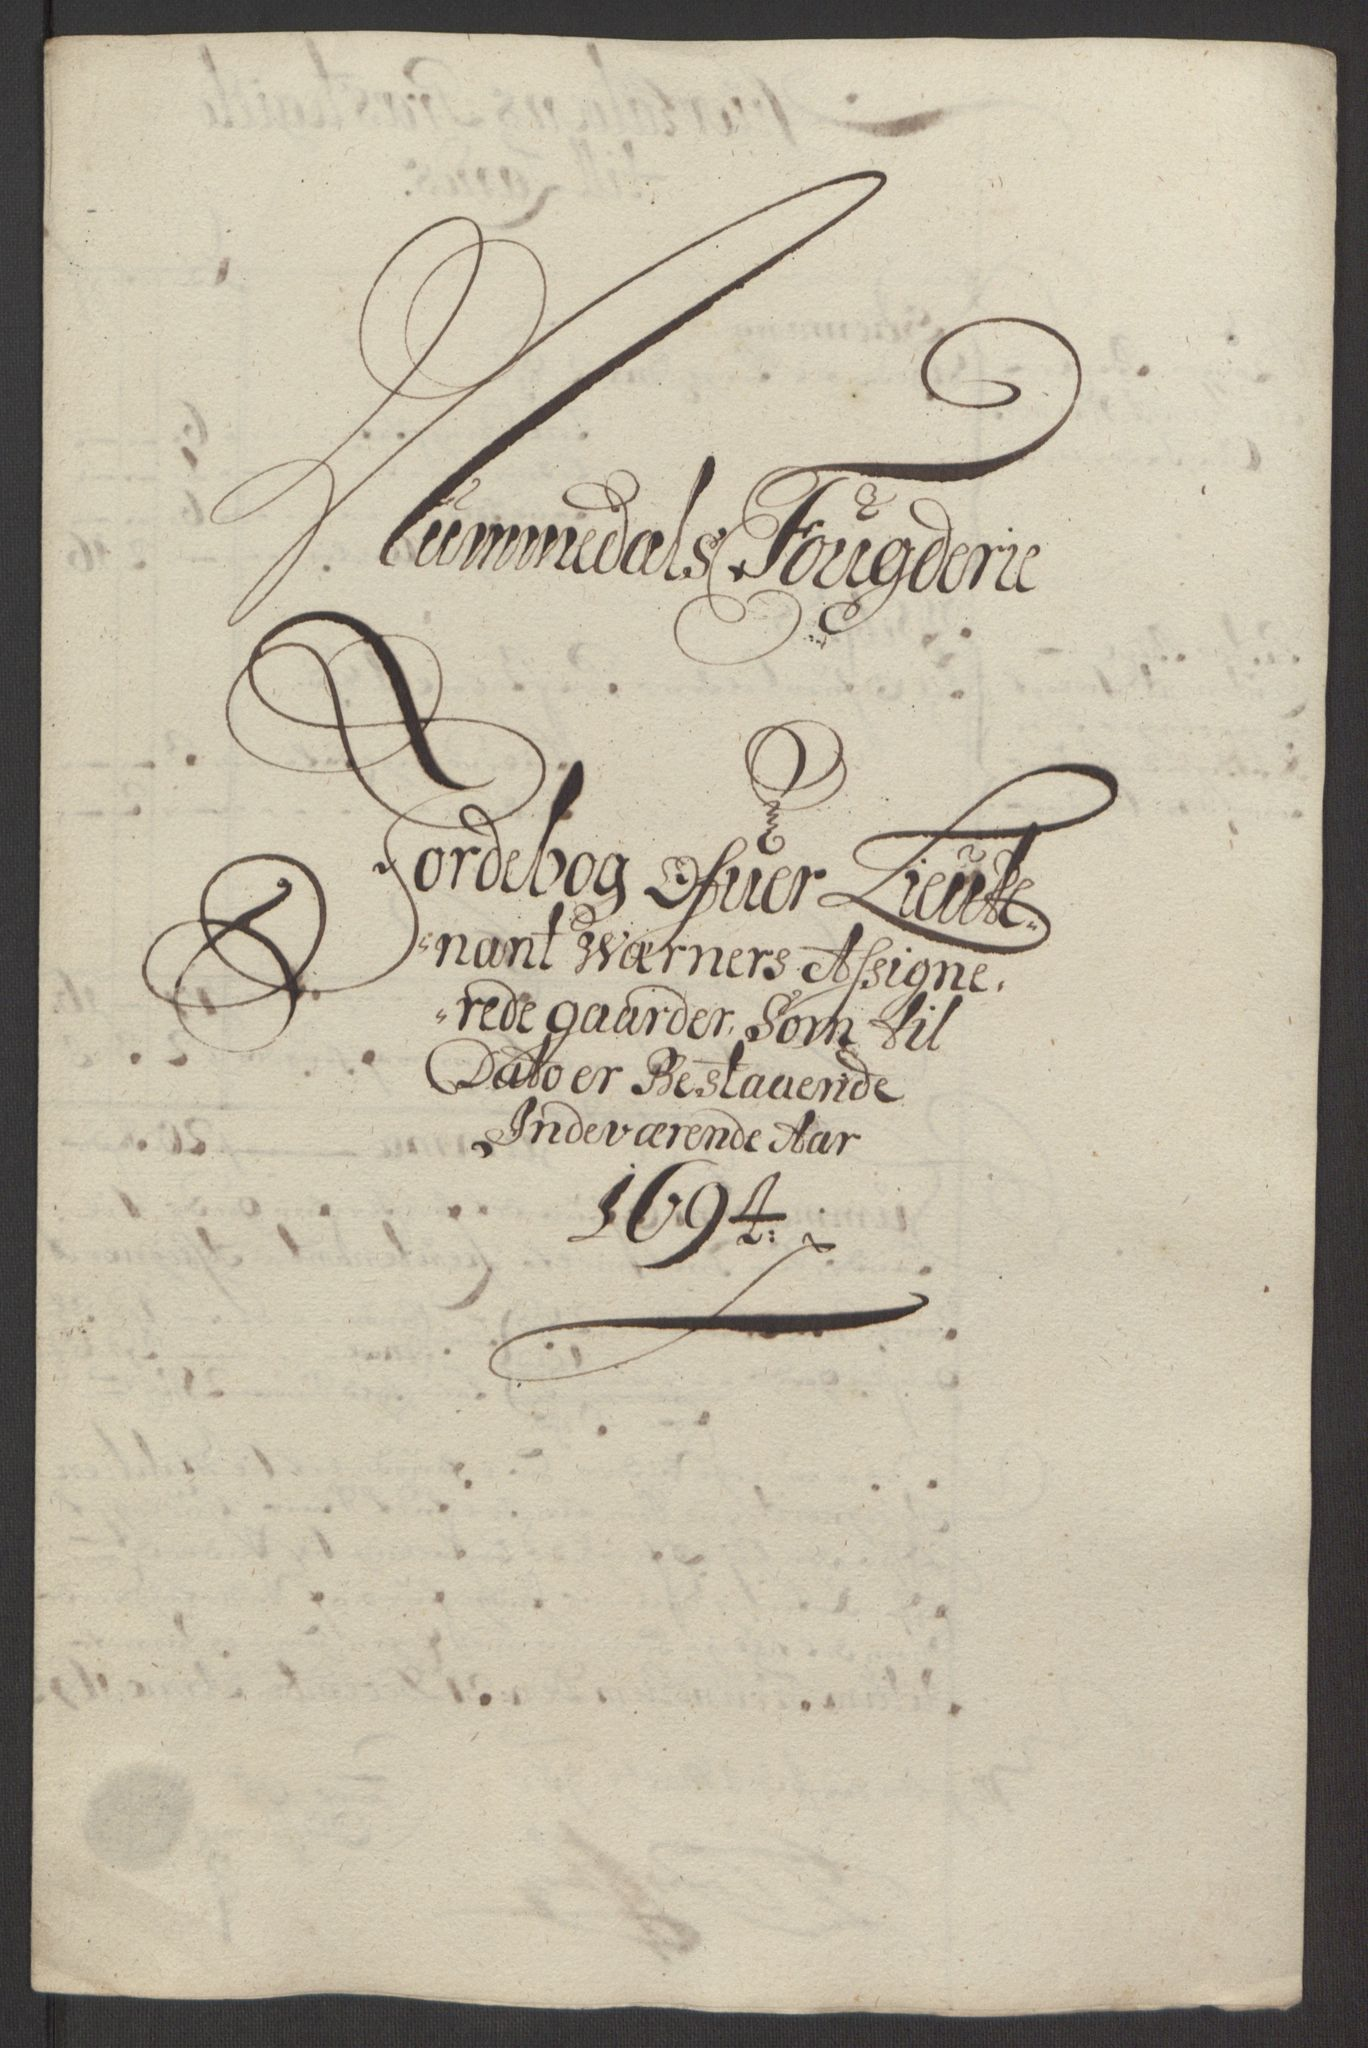 RA, Rentekammeret inntil 1814, Reviderte regnskaper, Fogderegnskap, R64/L4424: Fogderegnskap Namdal, 1692-1695, s. 422